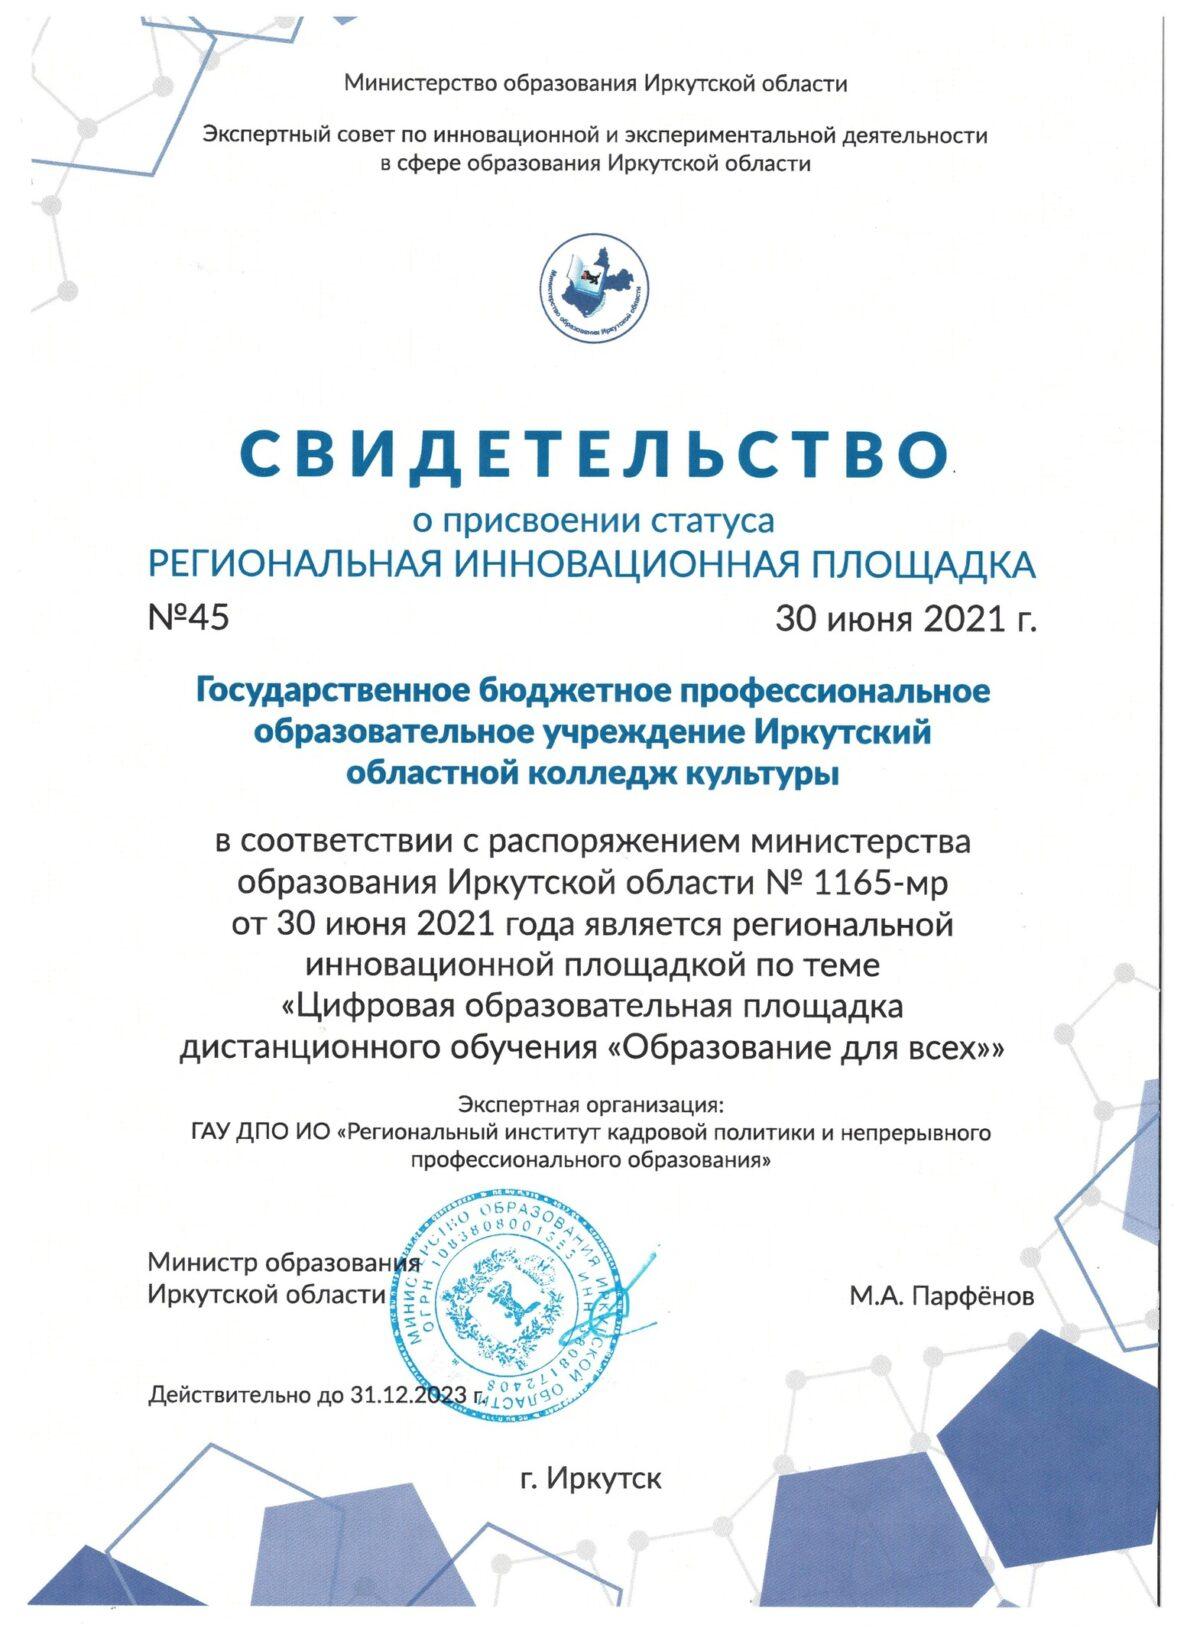 Иркутский областной колледж культуры признан региональной инновационной площадкой